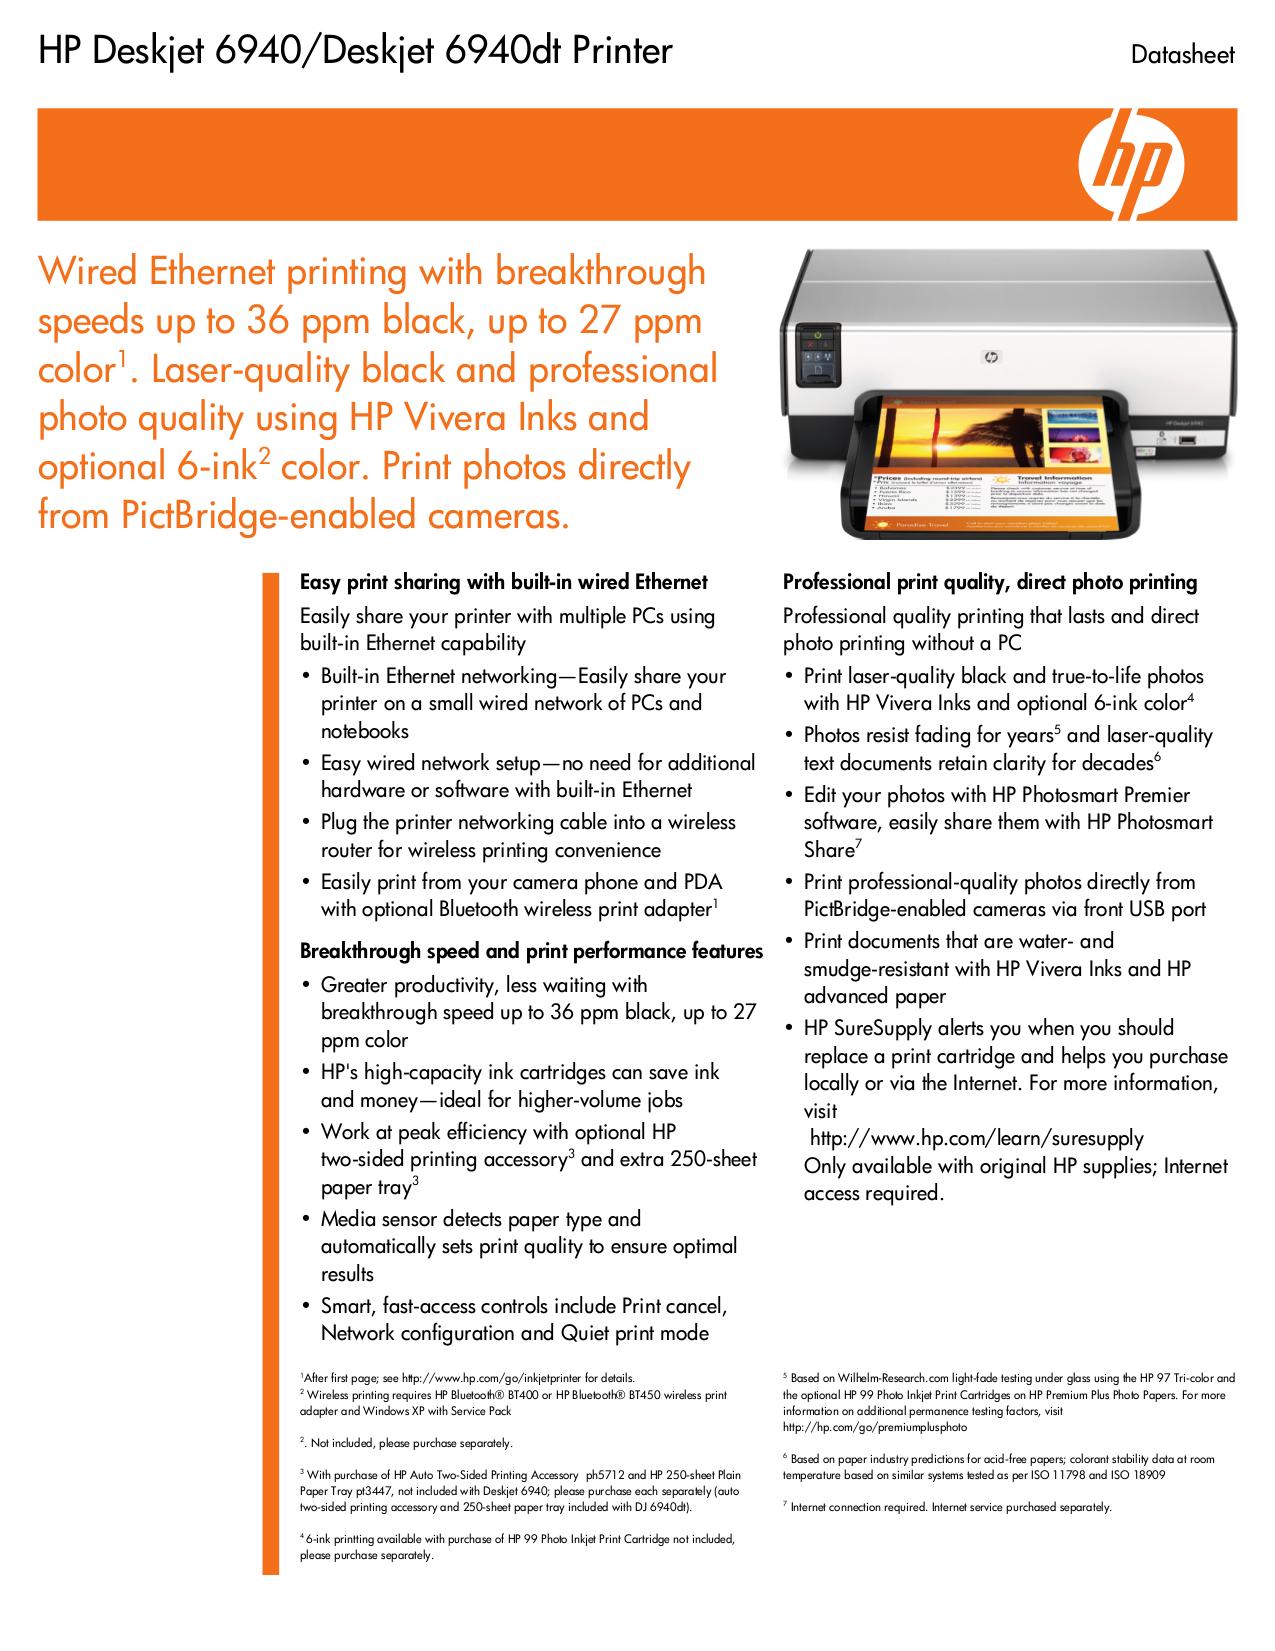 download free pdf for hp deskjet 6940 printer manual rh umlib com hp deskjet 6940 repair manual hp deskjet 6940 manual ip address